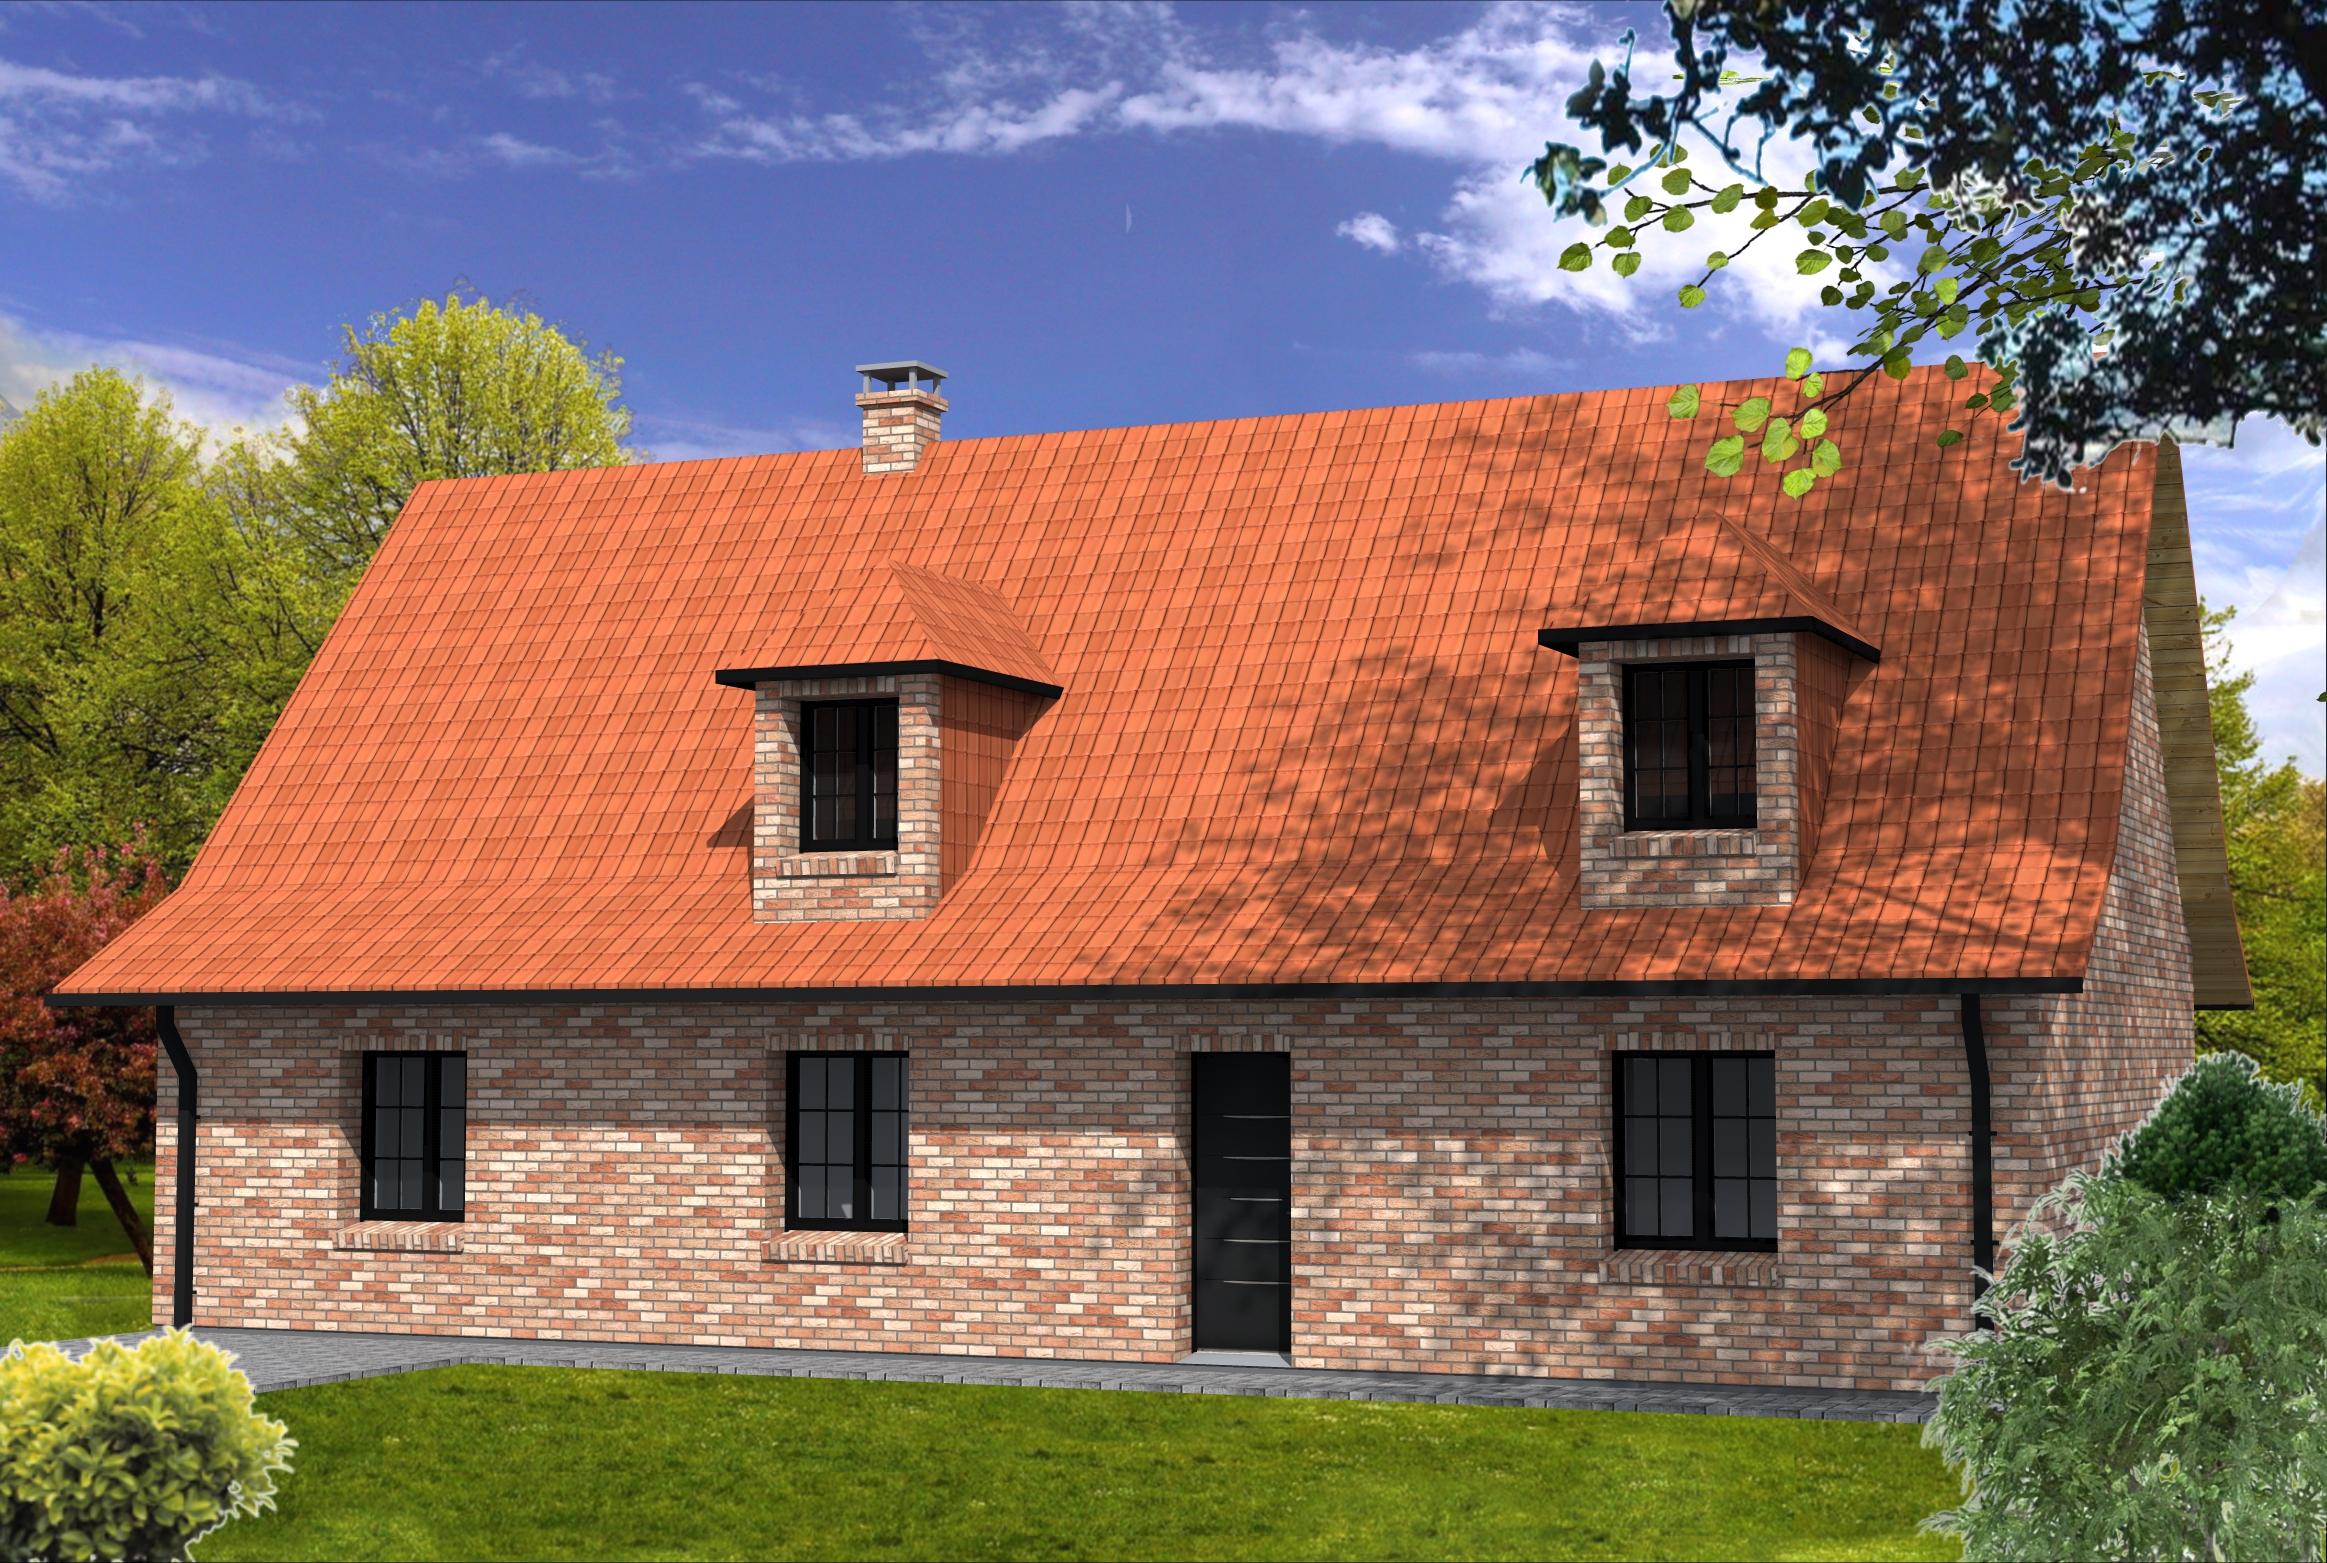 Maison sur hazebrouck yohann baheux ma tre d 39 oeuvre for Construire une maison sur un terrain agricole